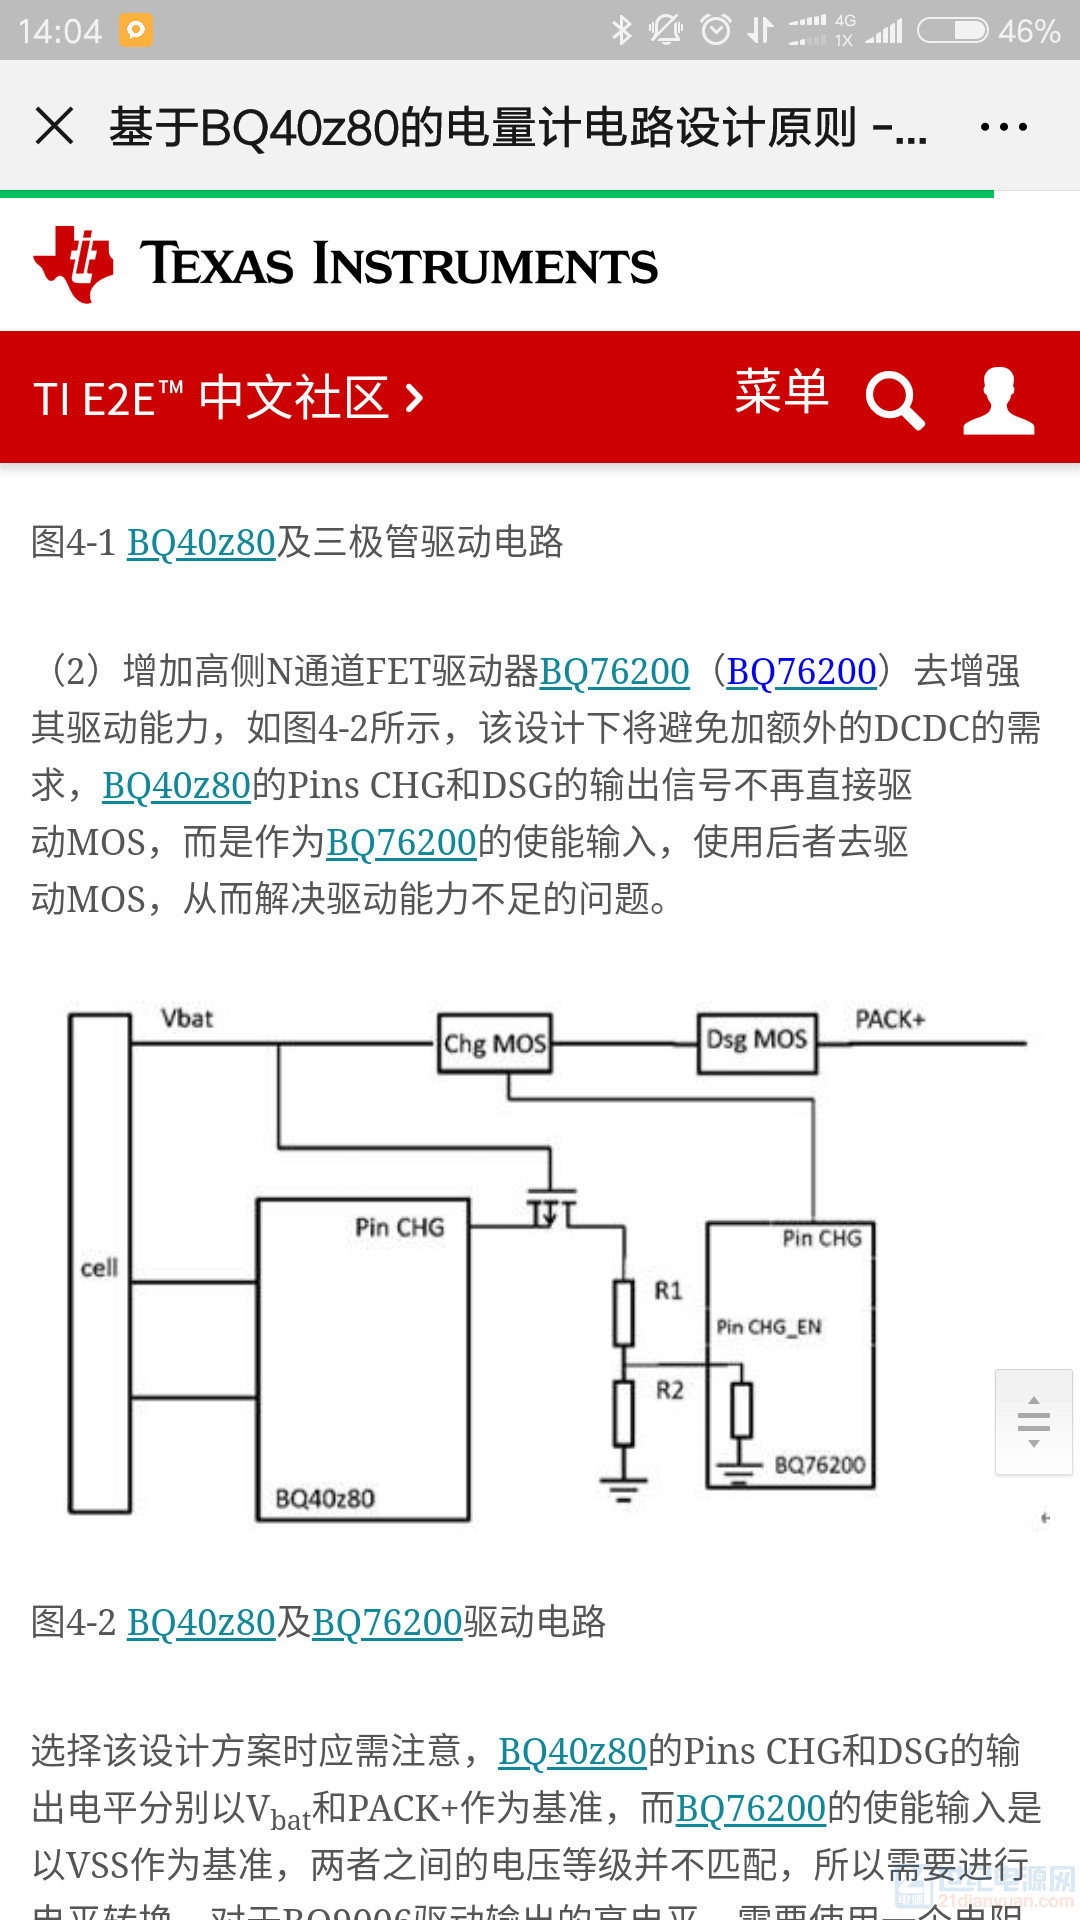 Screenshot_2019-11-01-14-04-05-232_com.tencent.mm.png